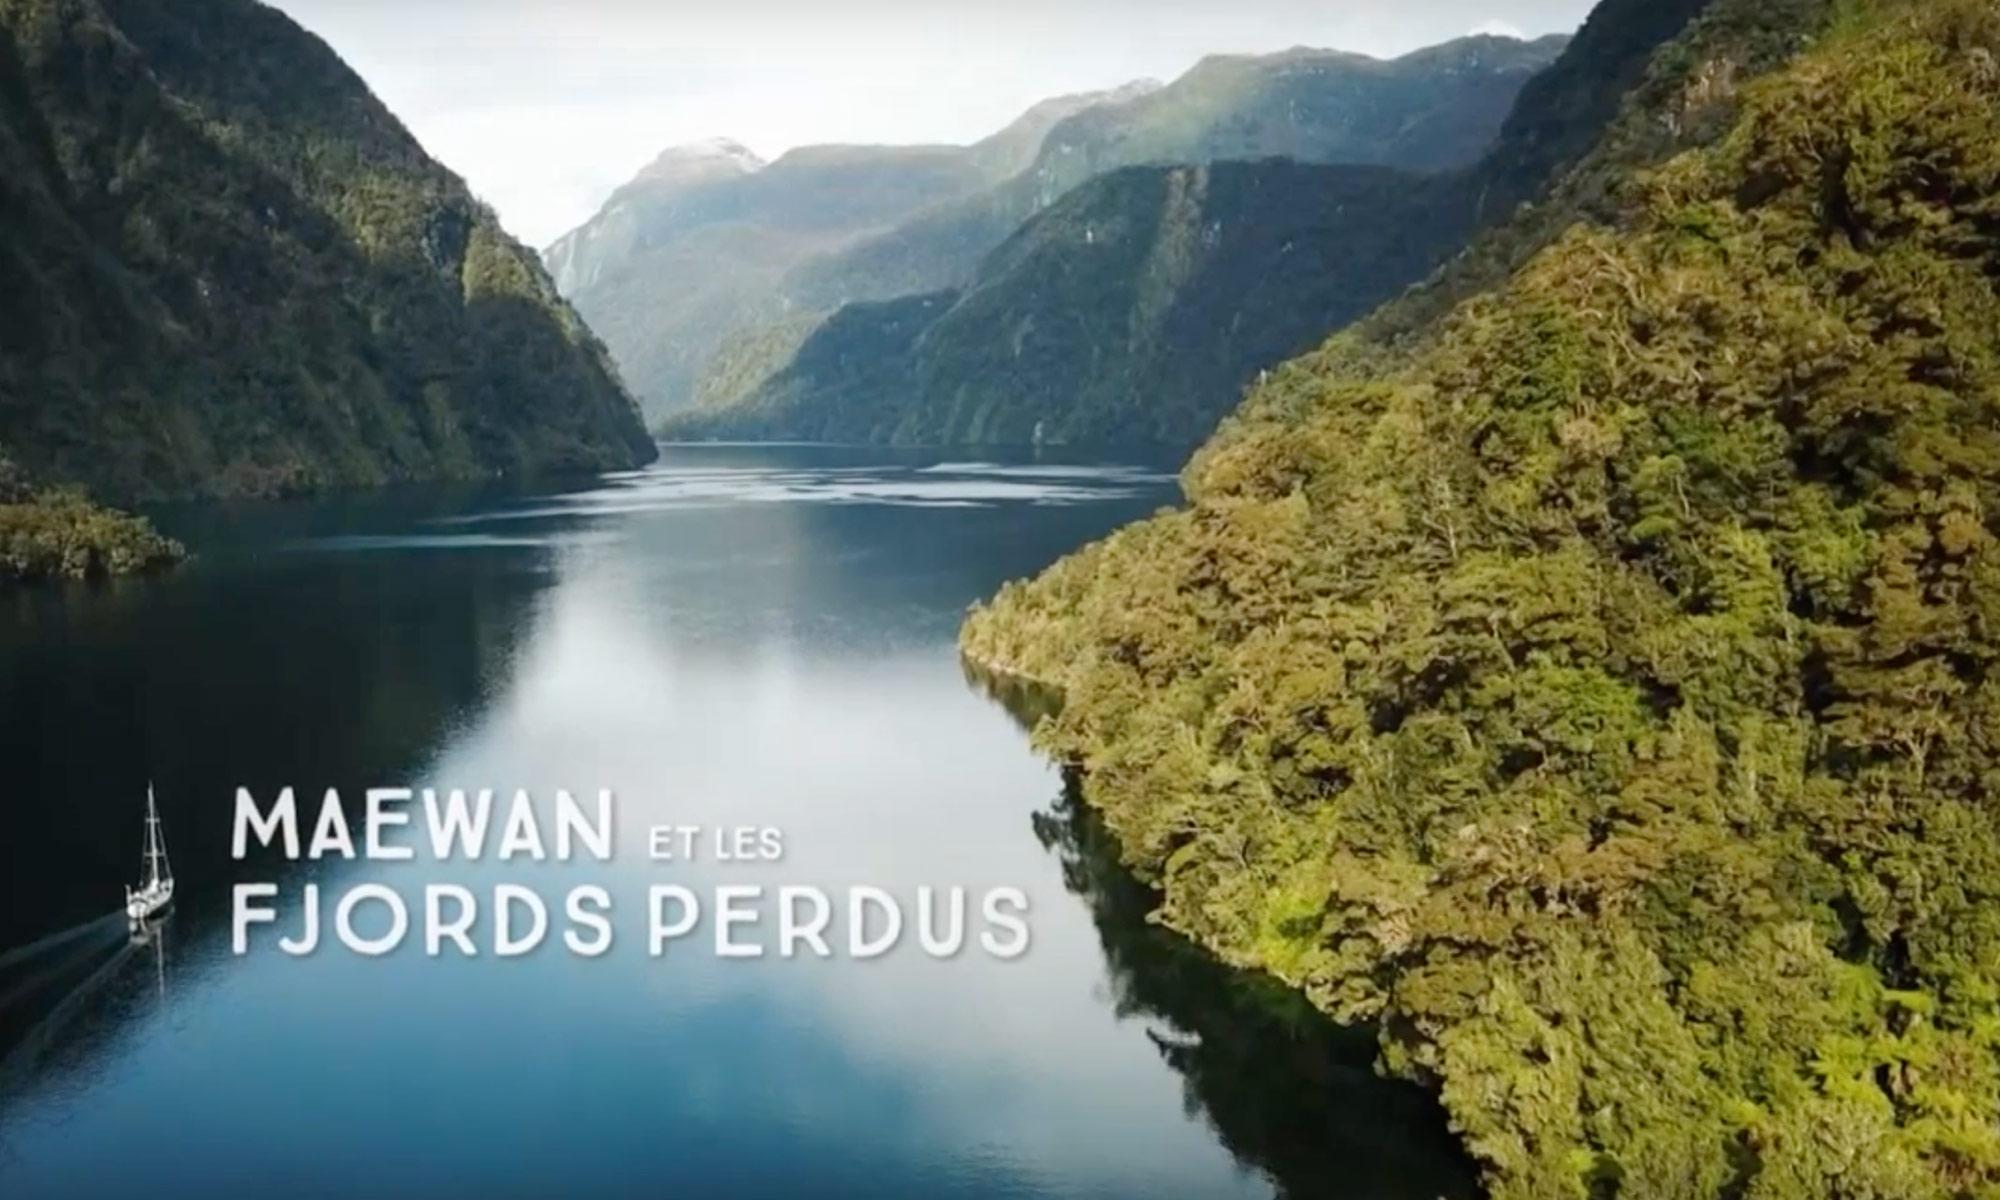 Maewan et les fjords perdus